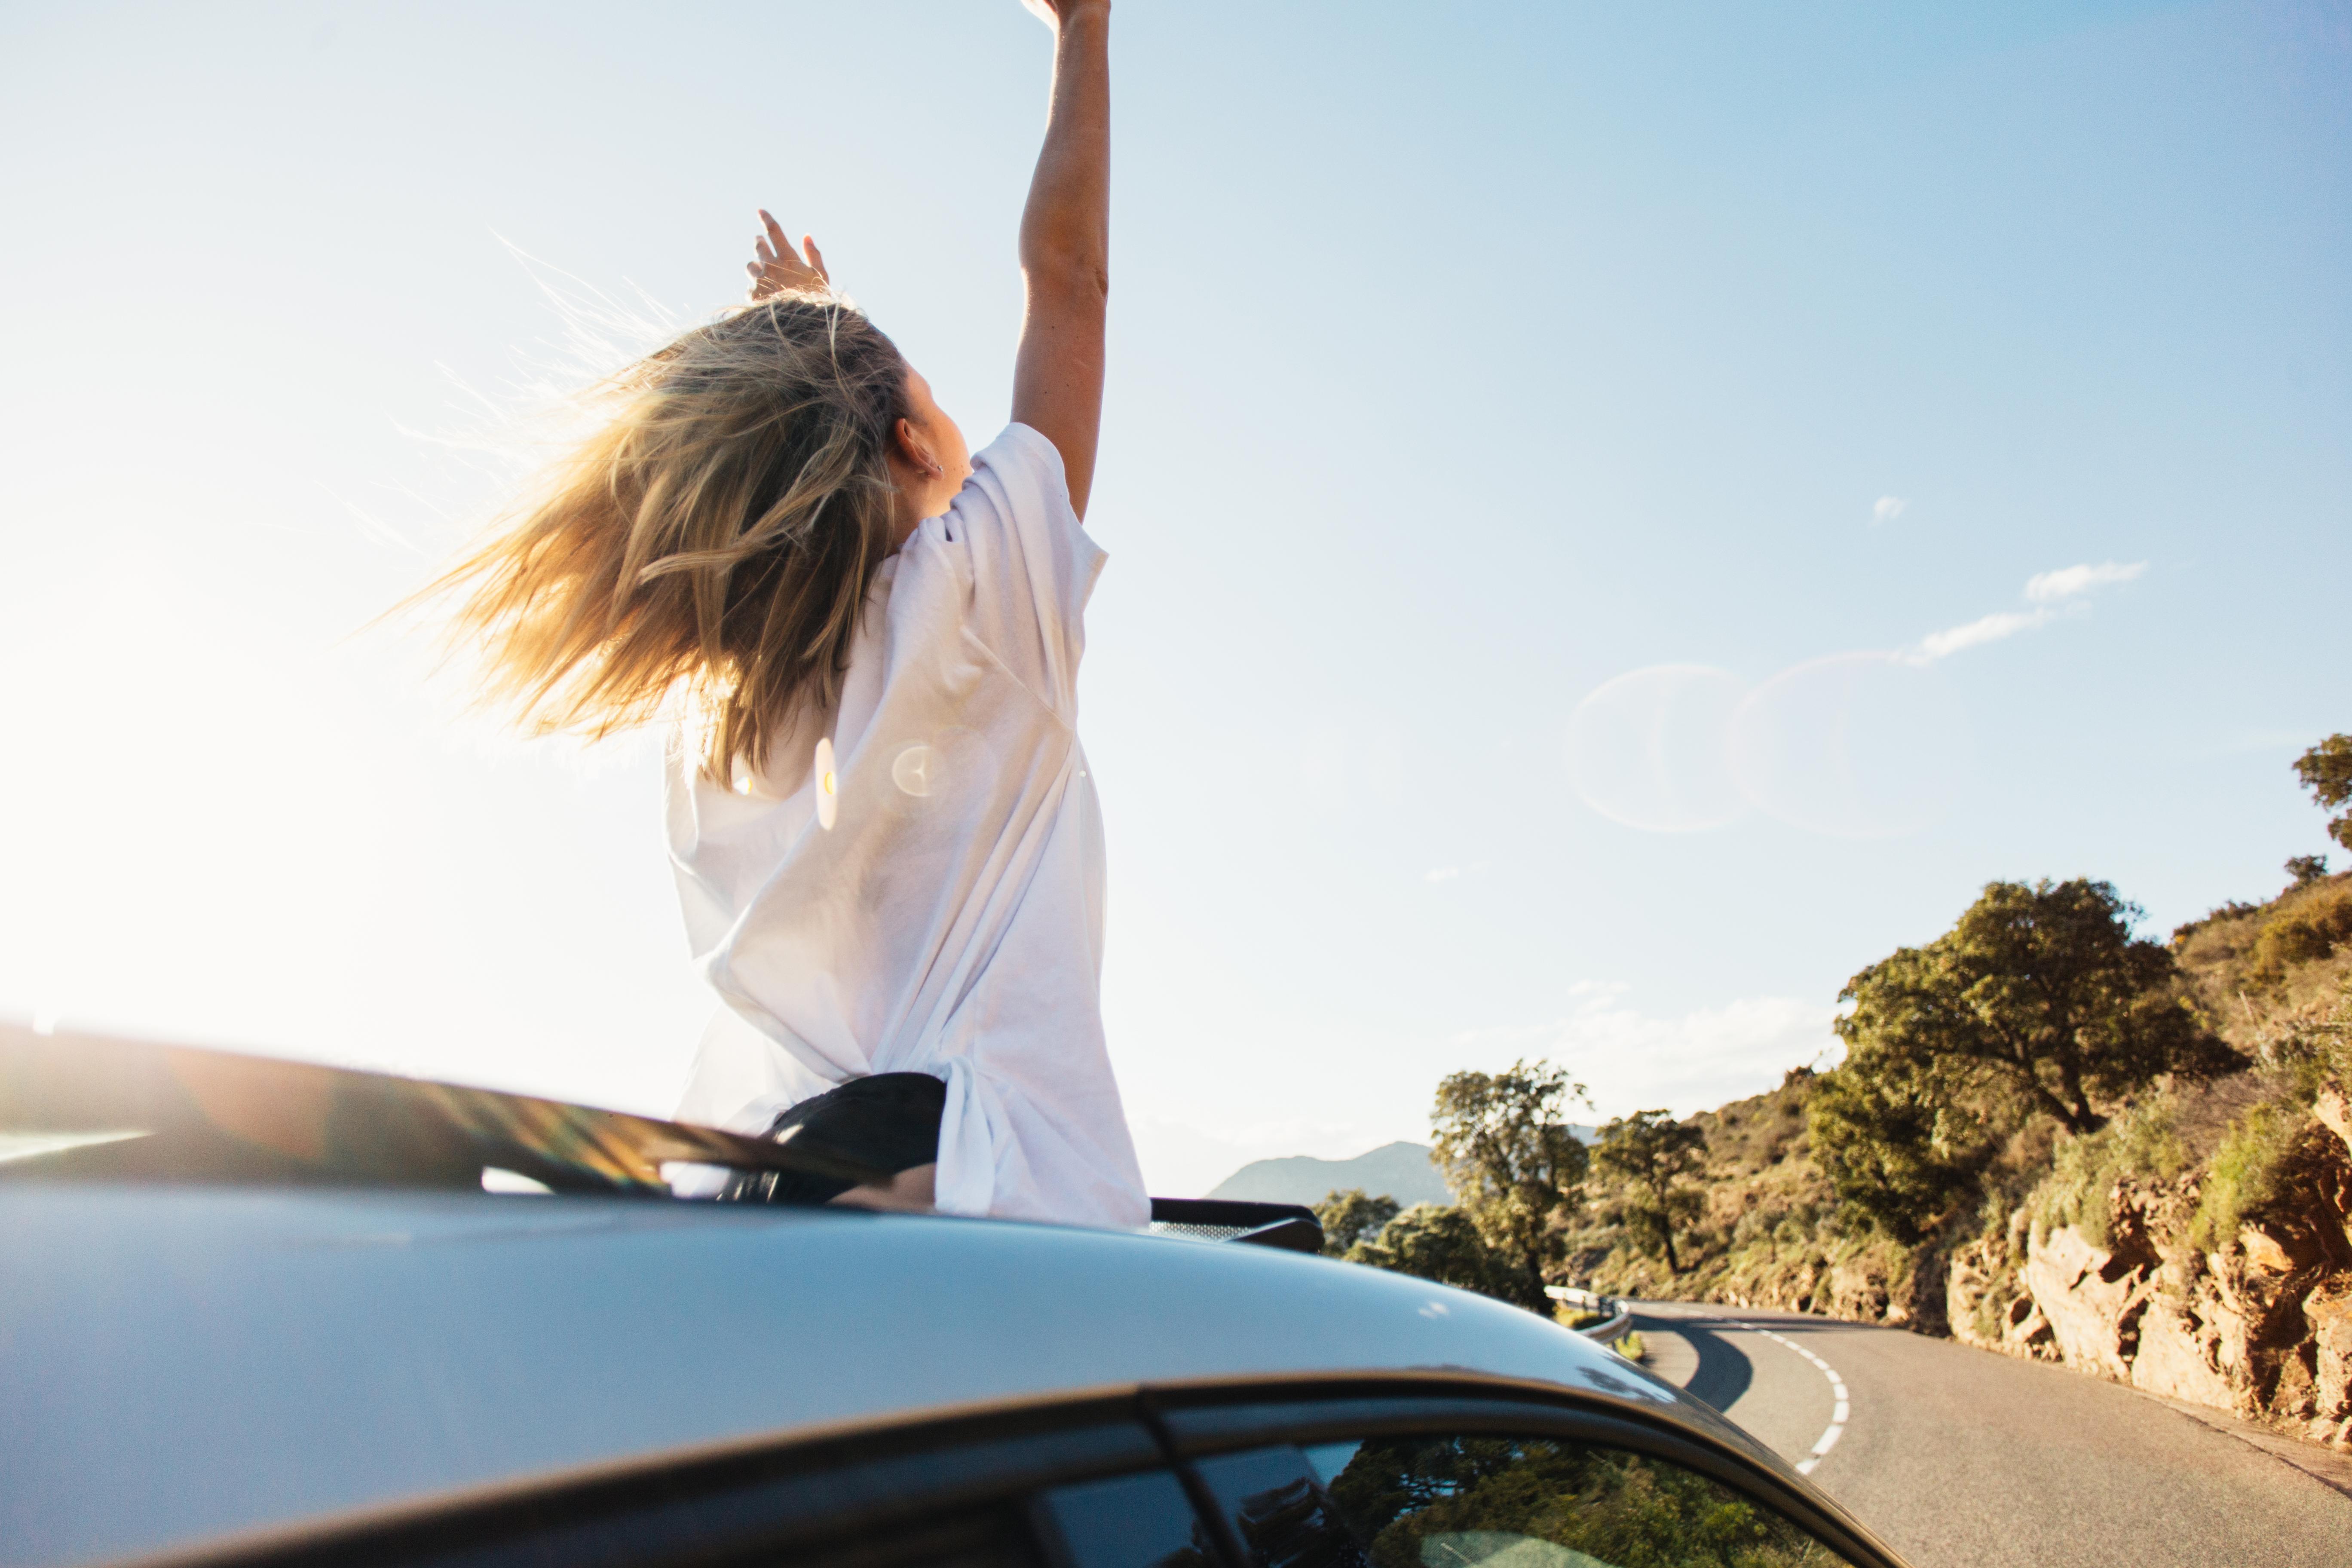 Φέτος το καλοκαίρι ανακαλύπτουμε τη χαρά του ταξιδιού μέσα από ένα συναρπαστικό road trip!